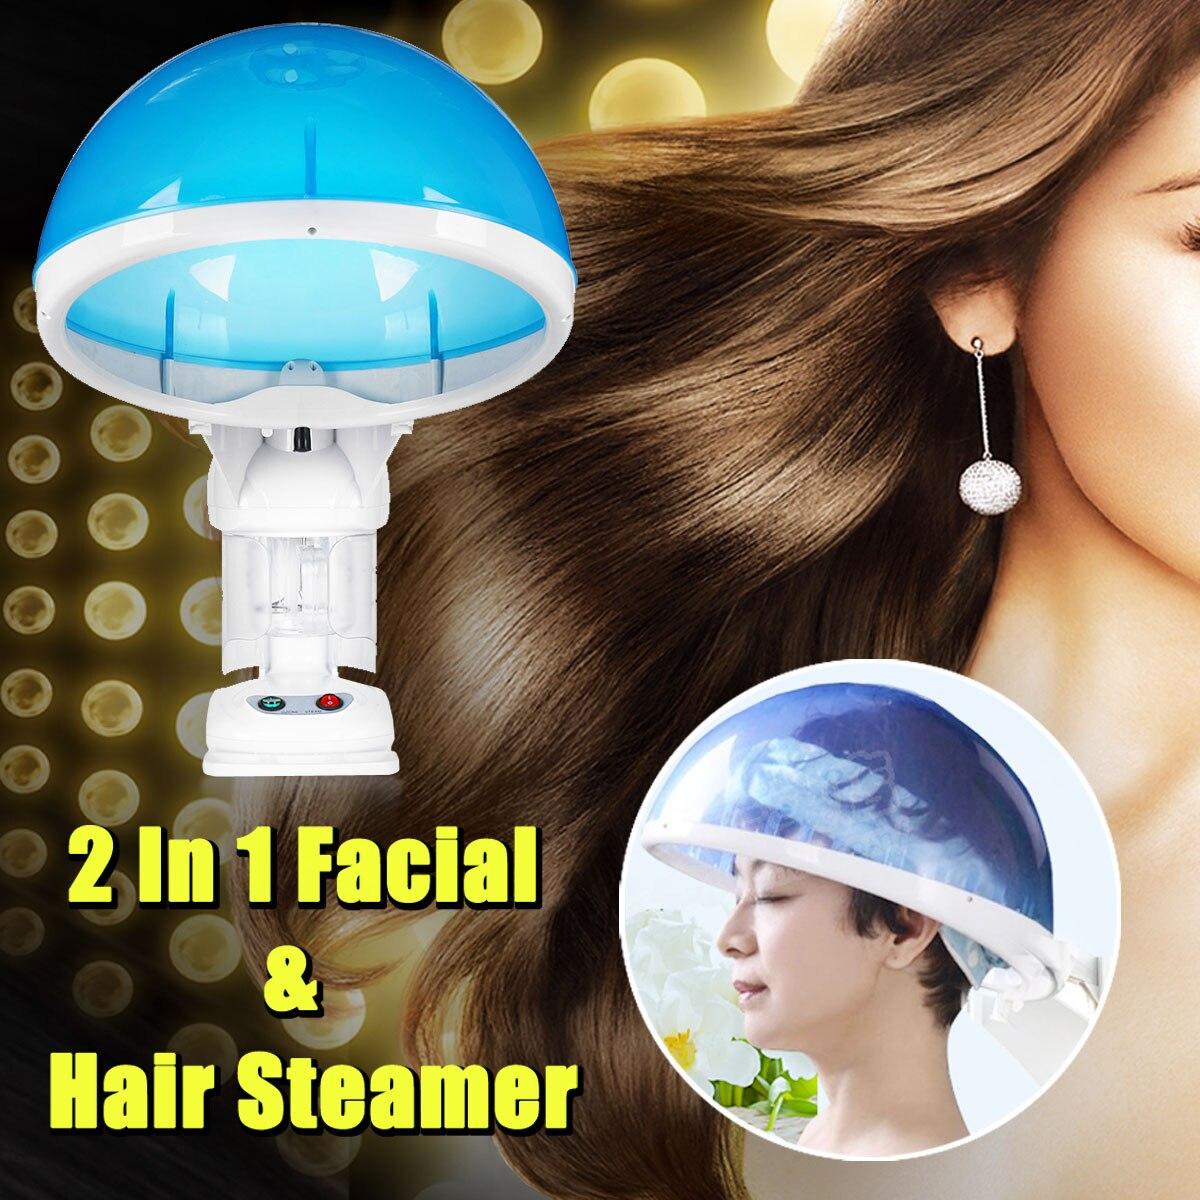 Vapeur du visage et Cheveux Vapeur 2 dans 1 Table Chaude Brouillard Top D'ozone Arôme L'hydratation des Cheveux Salon 110 v/ 220 v Température Contrôleur D'absorption